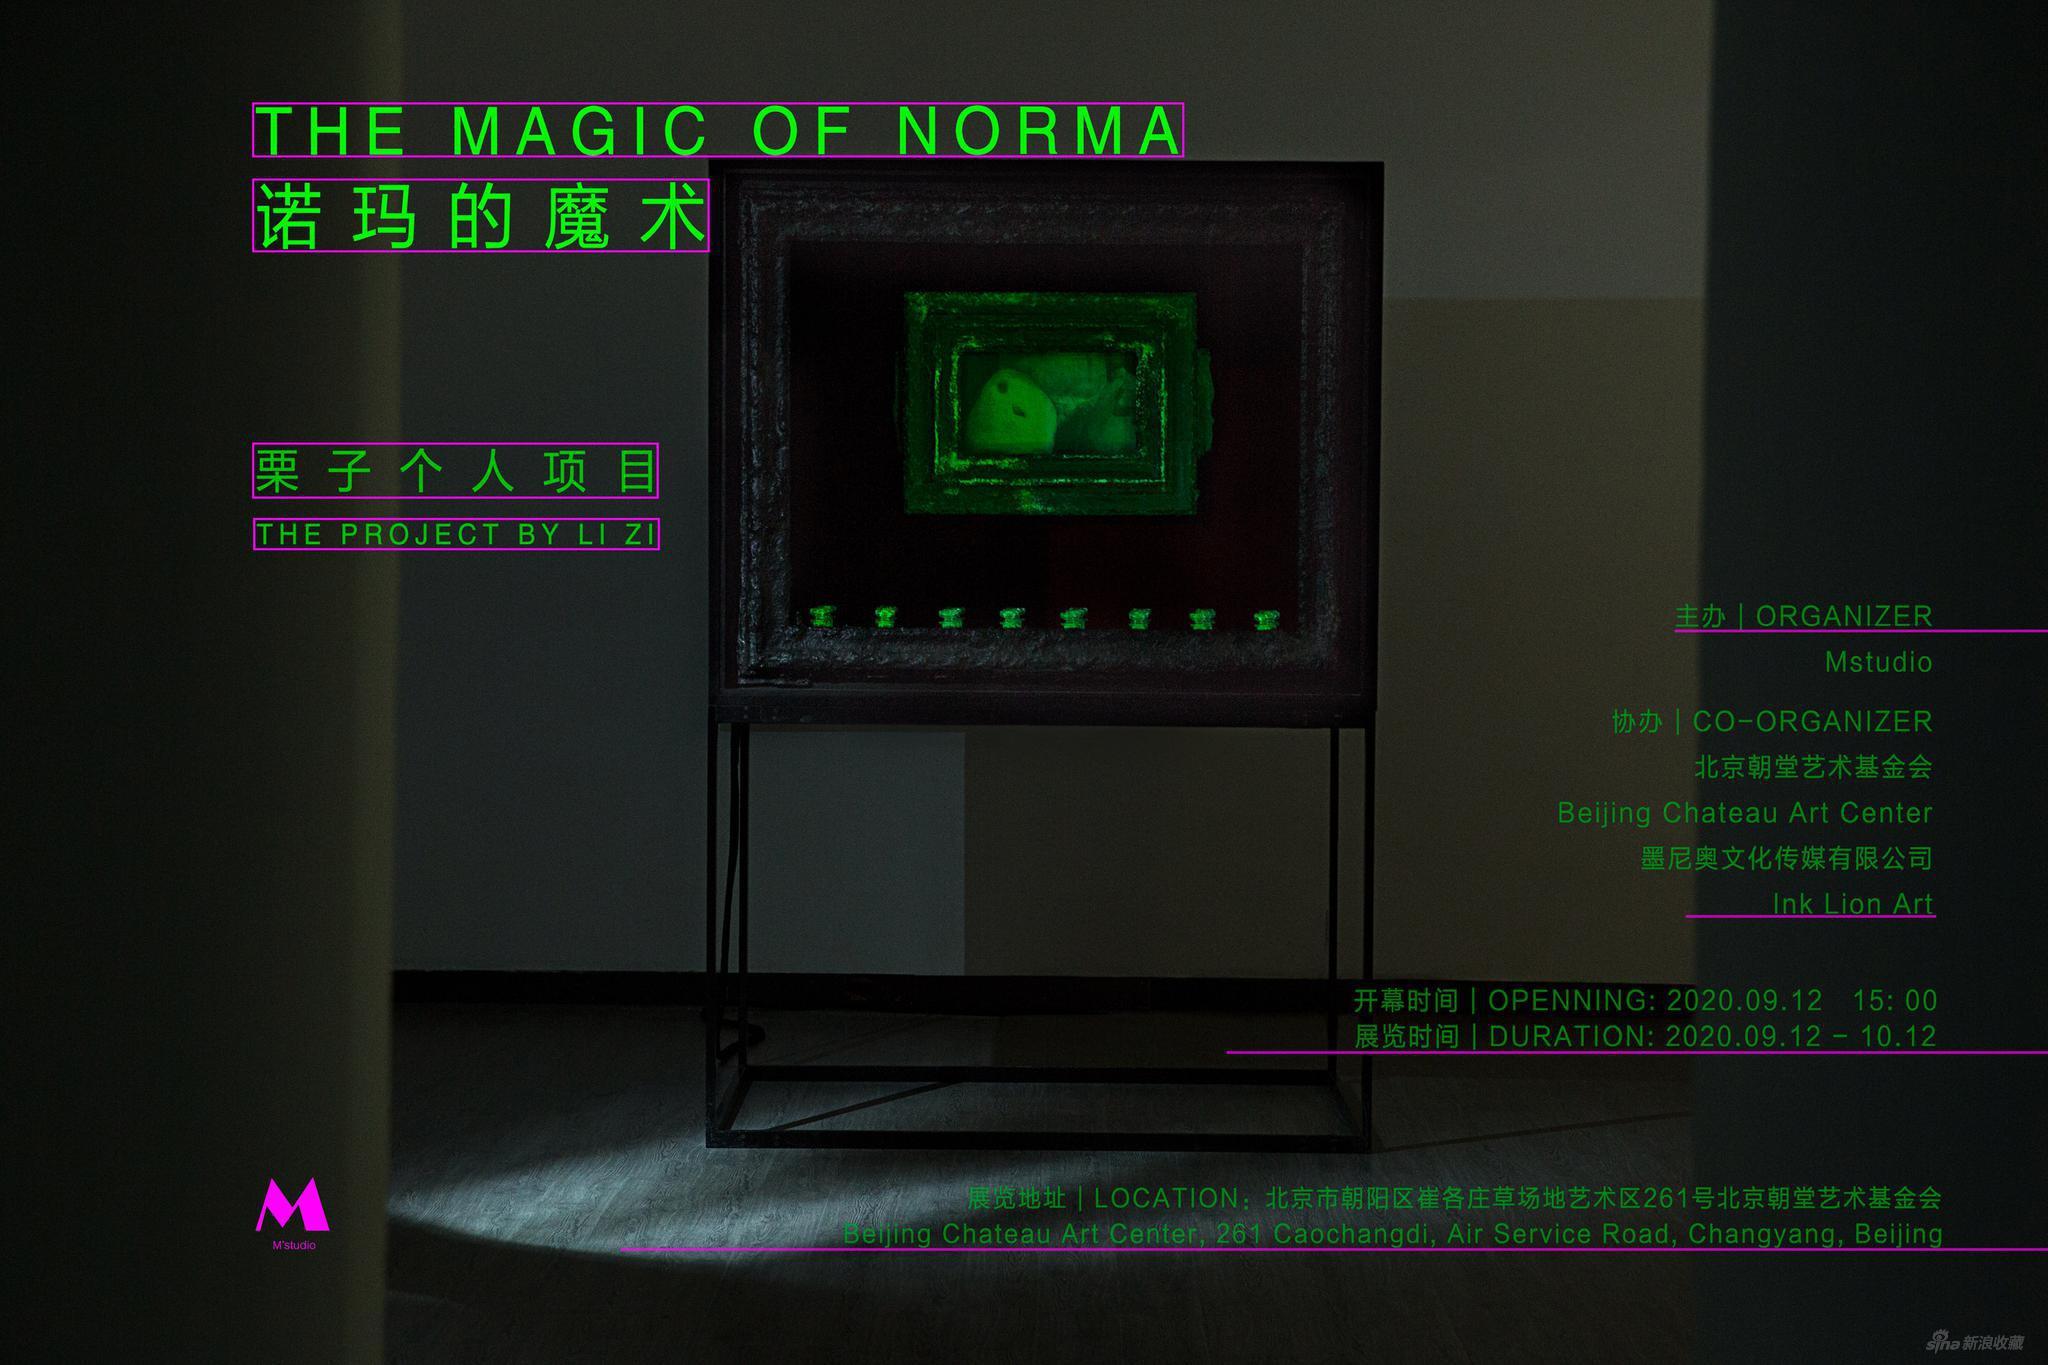 栗子个人项目 诺玛的魔术